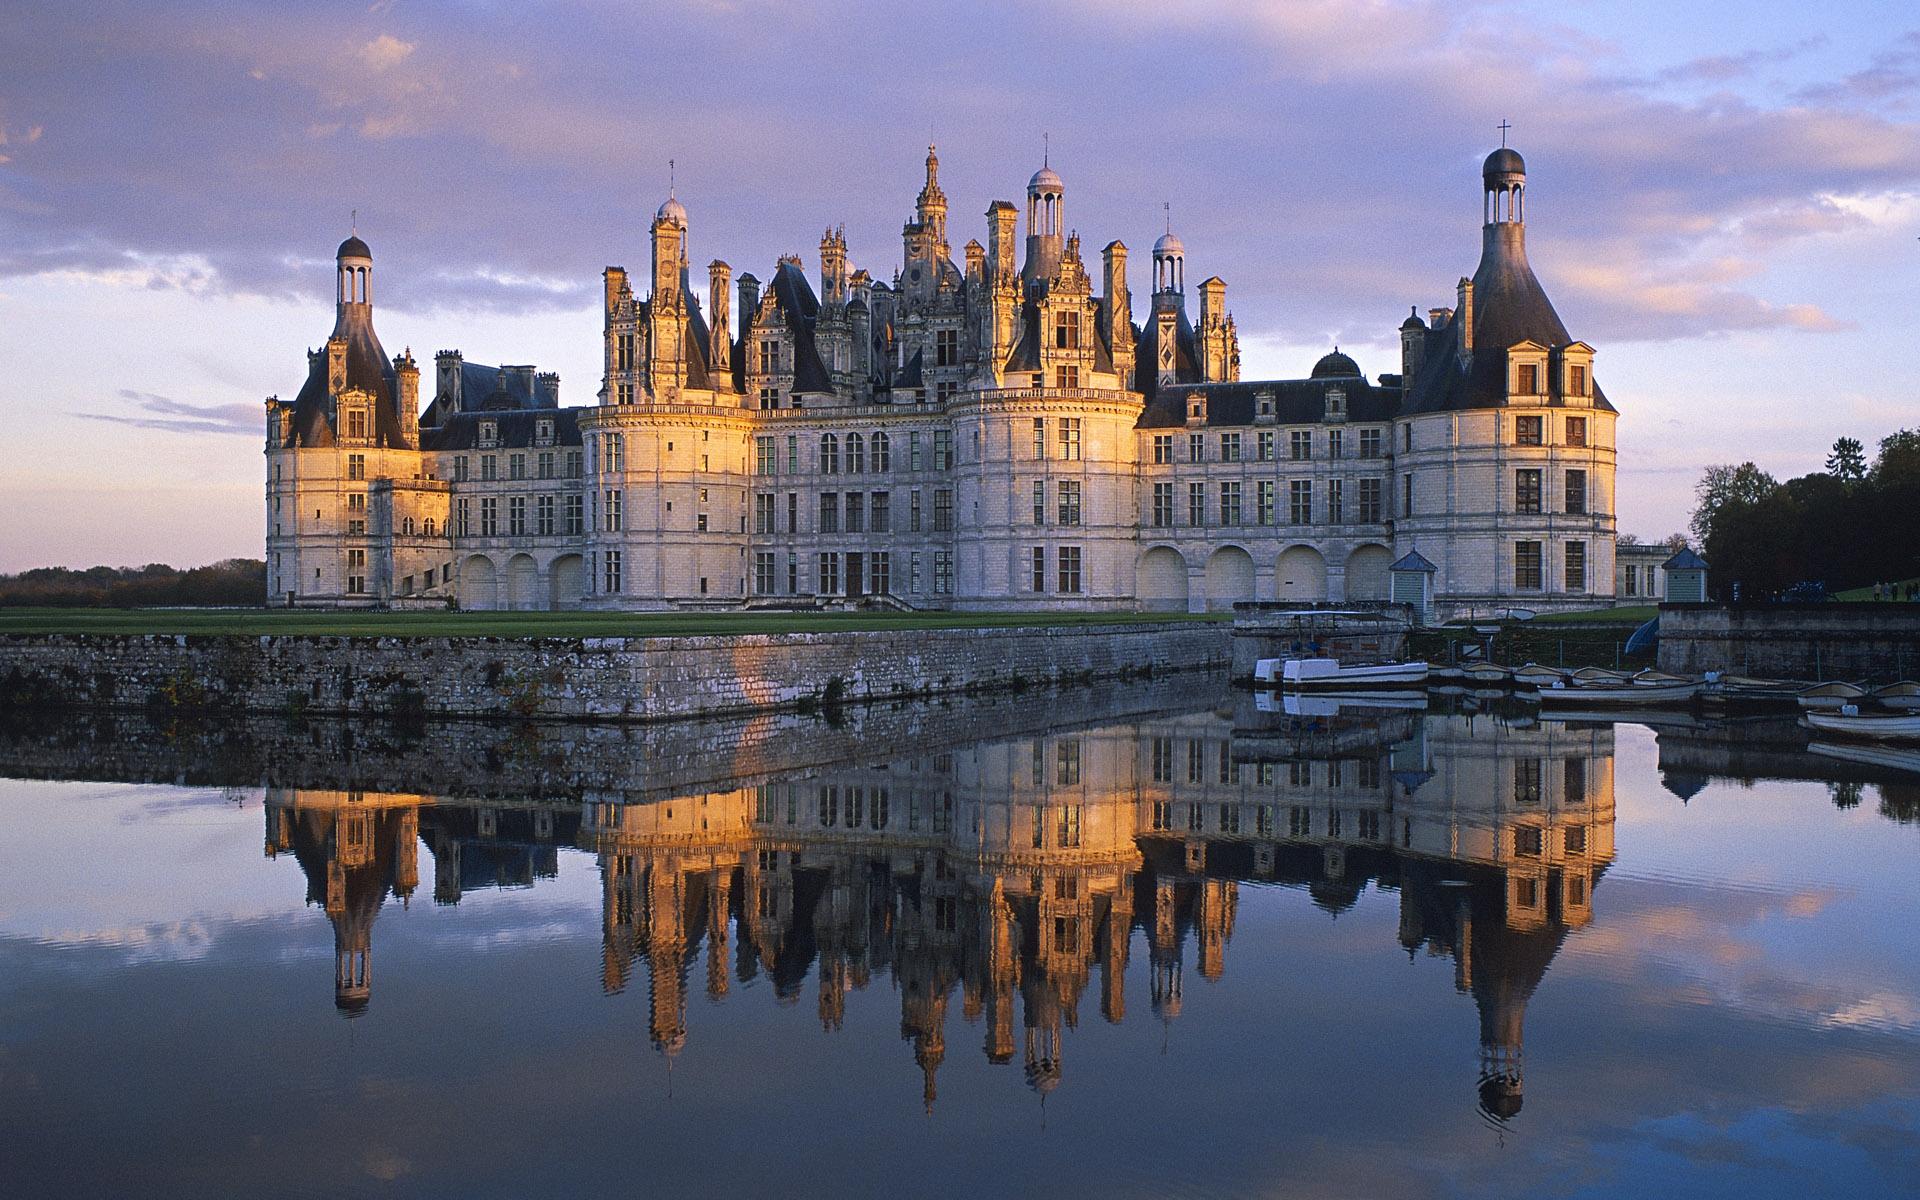 можно напечатать профессиональные фотографии замков должна купить